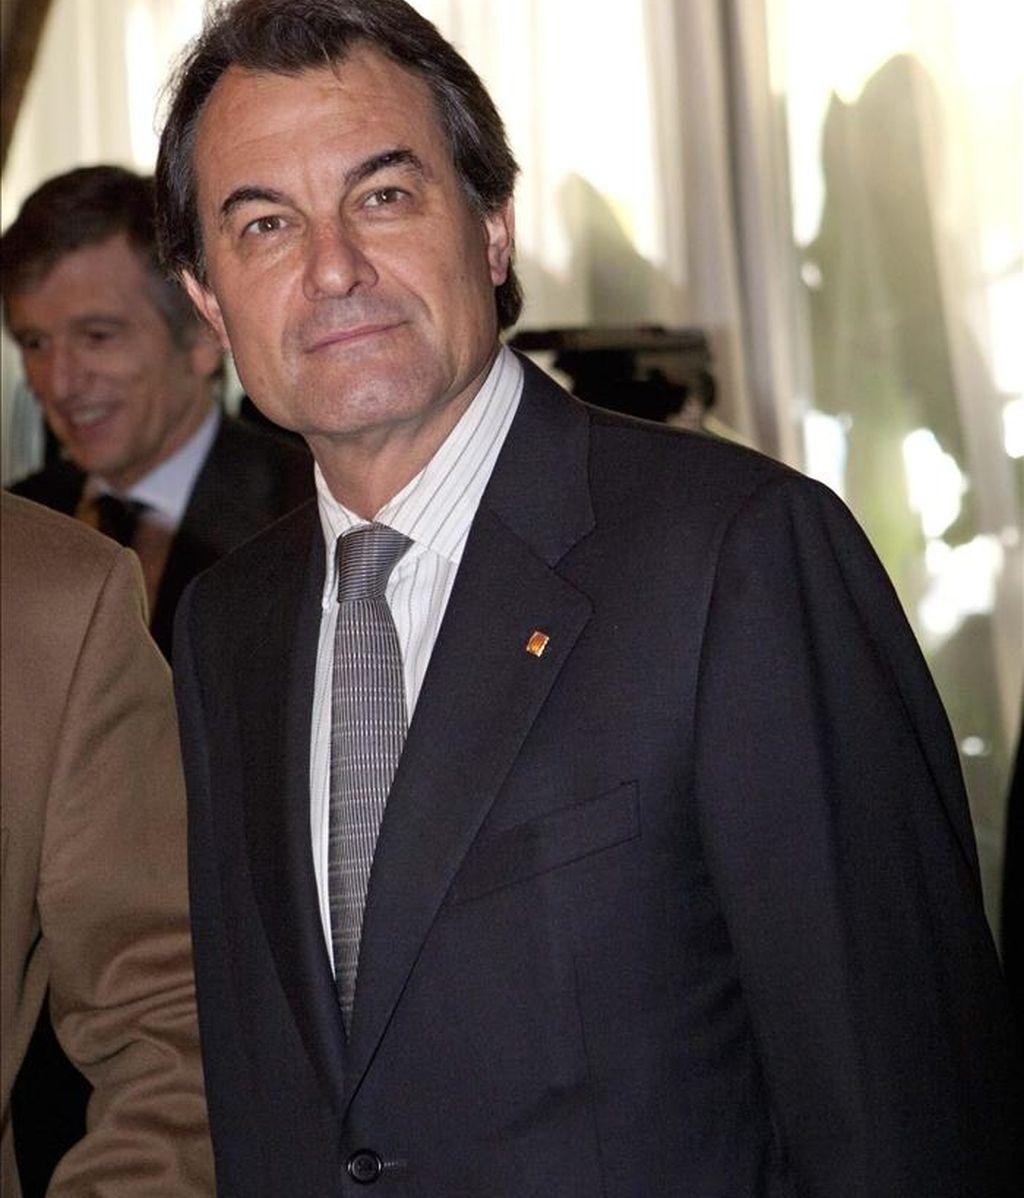 El presidente de la Generalitat, Artur Mas. EFE/Archivo